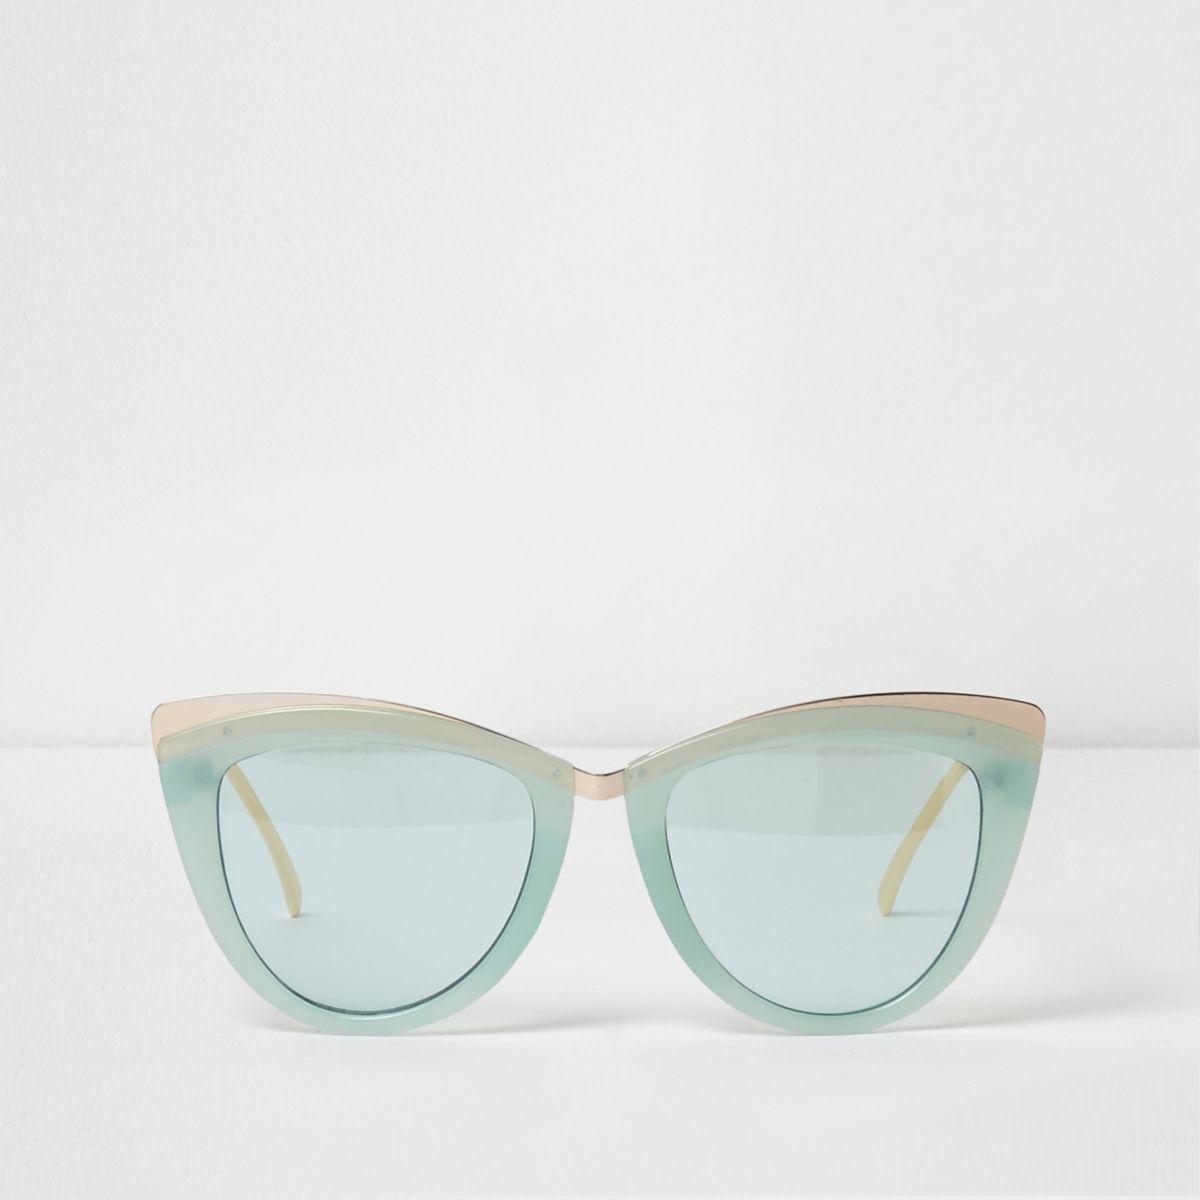 Mint green cat eye sunglasses